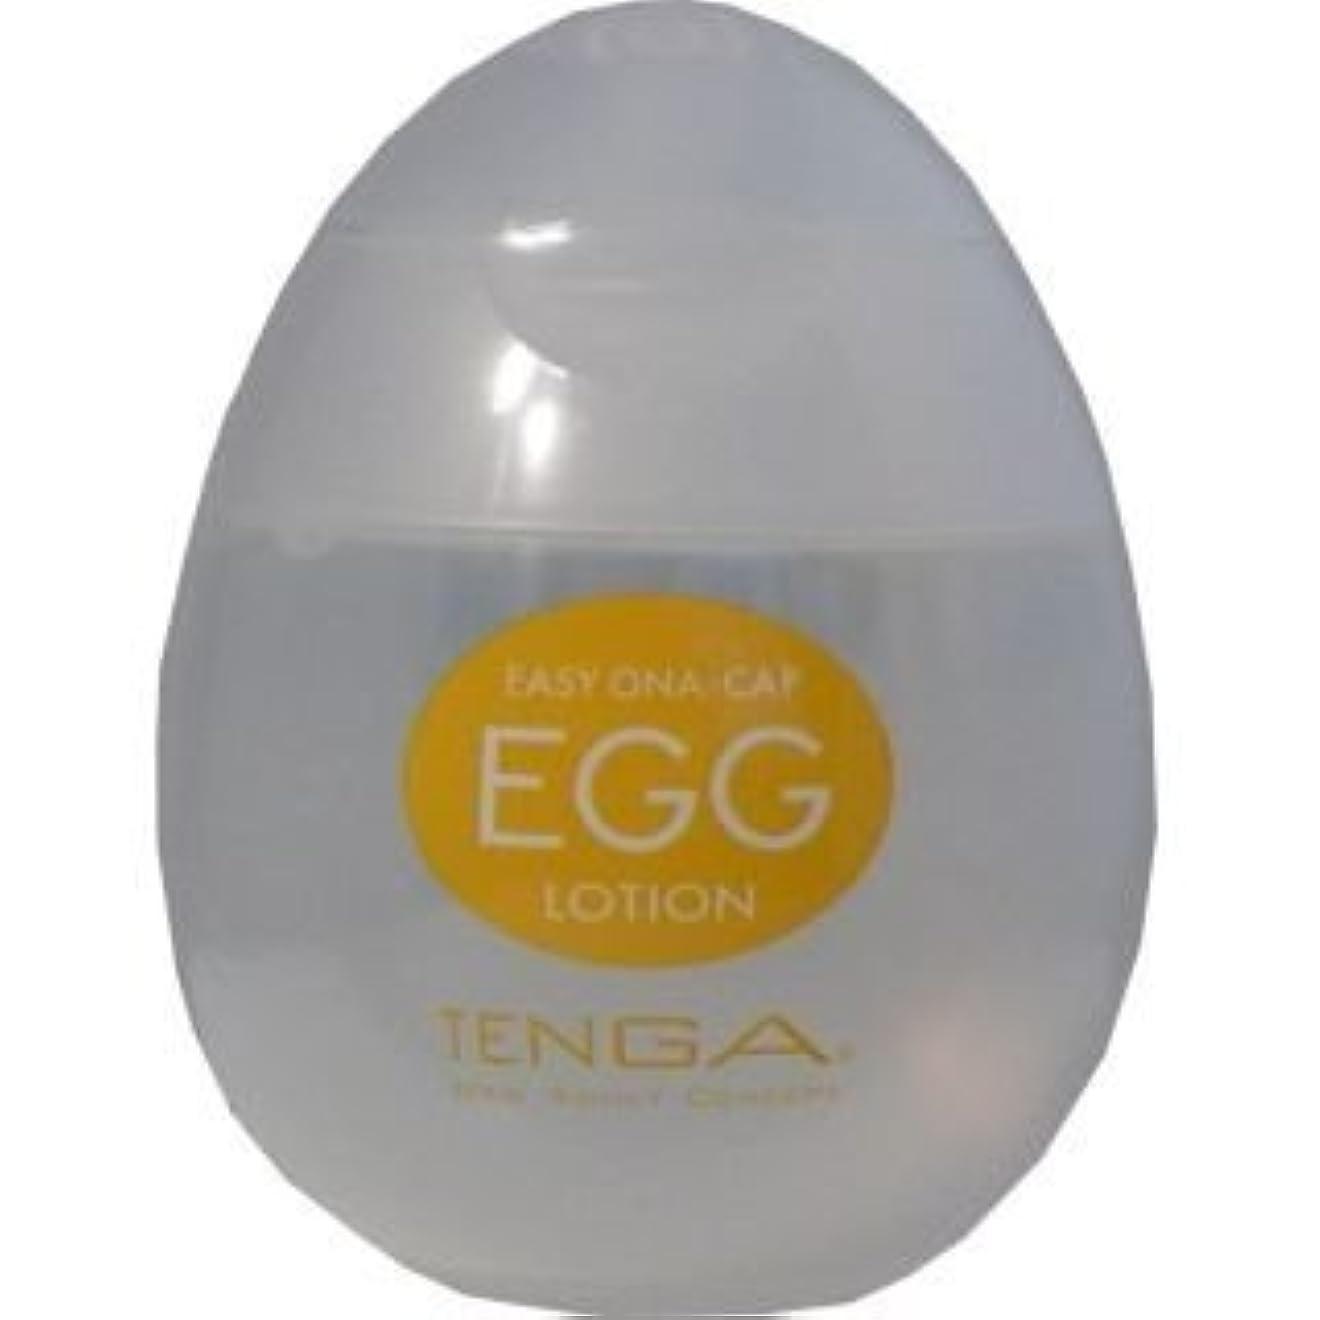 保湿成分配合で潤い長持ち!TENGA(テンガ) EGG LOTION(エッグローション) EGGL-001【2個セット】